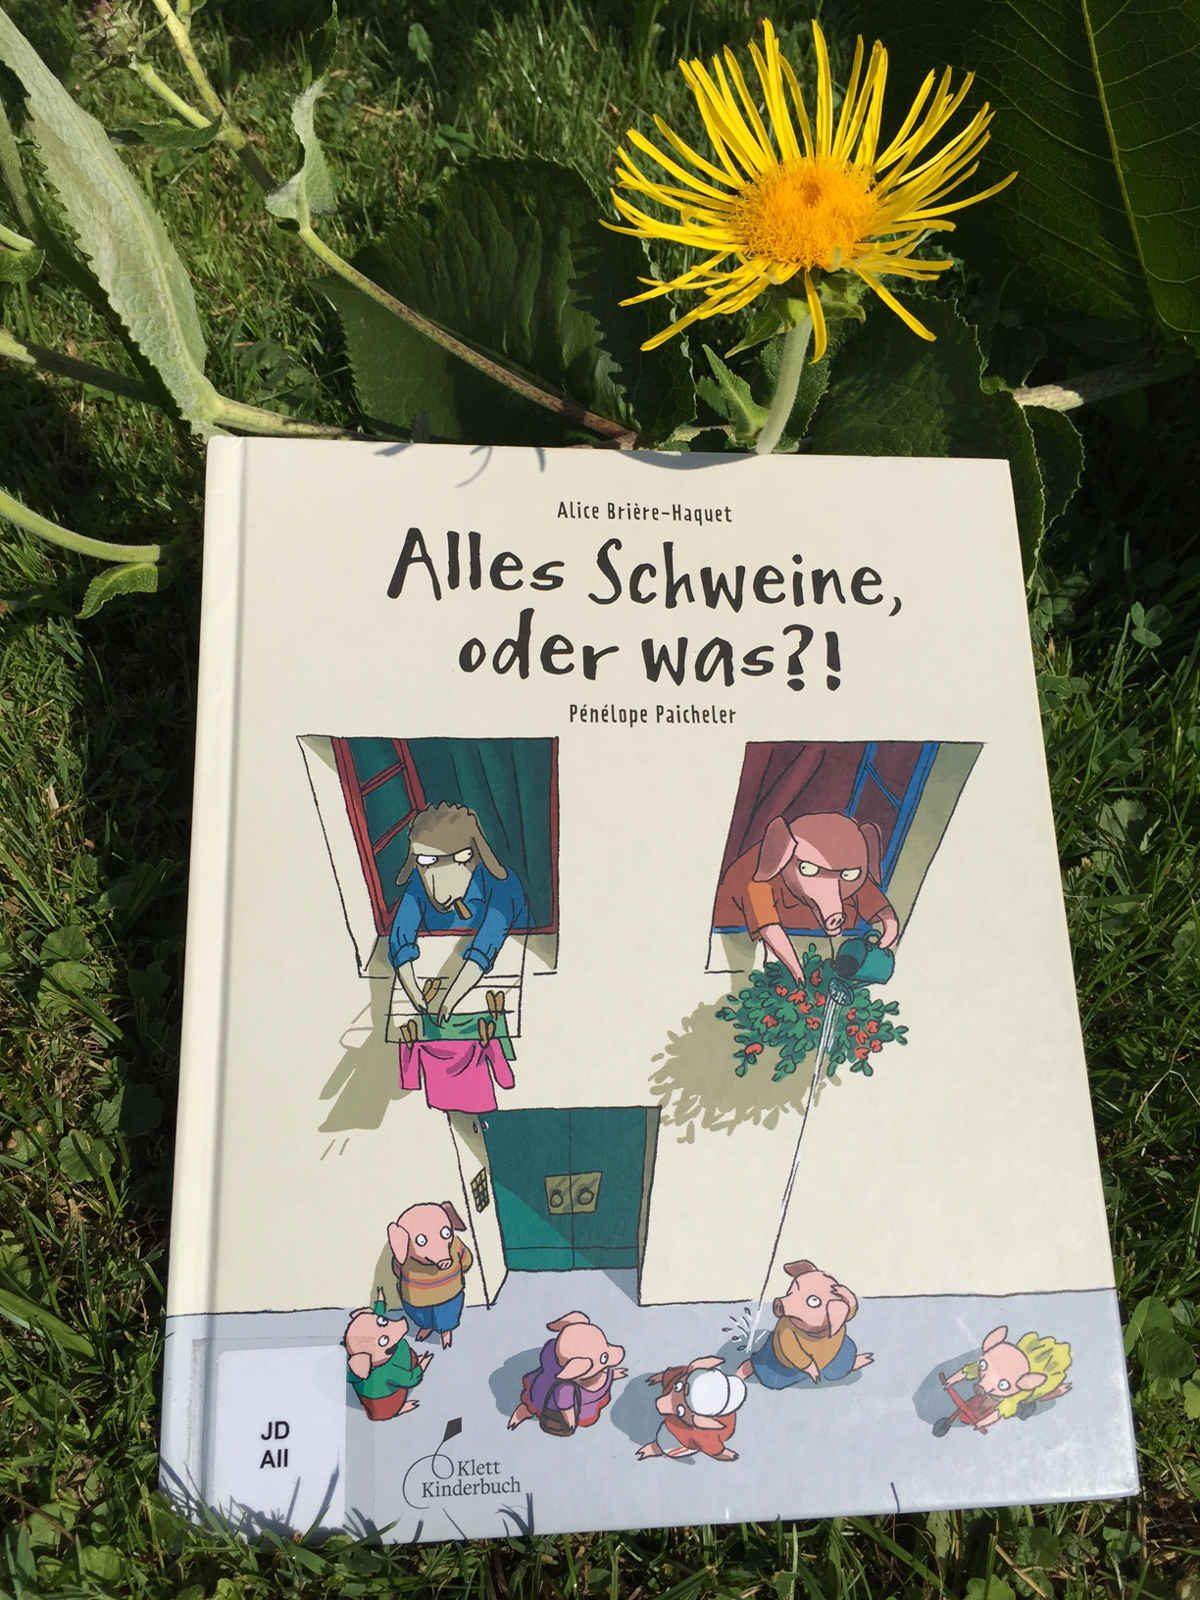 Alice Briere-Haquet und Penelope Paicheler: Alles Schweine, oder was?!